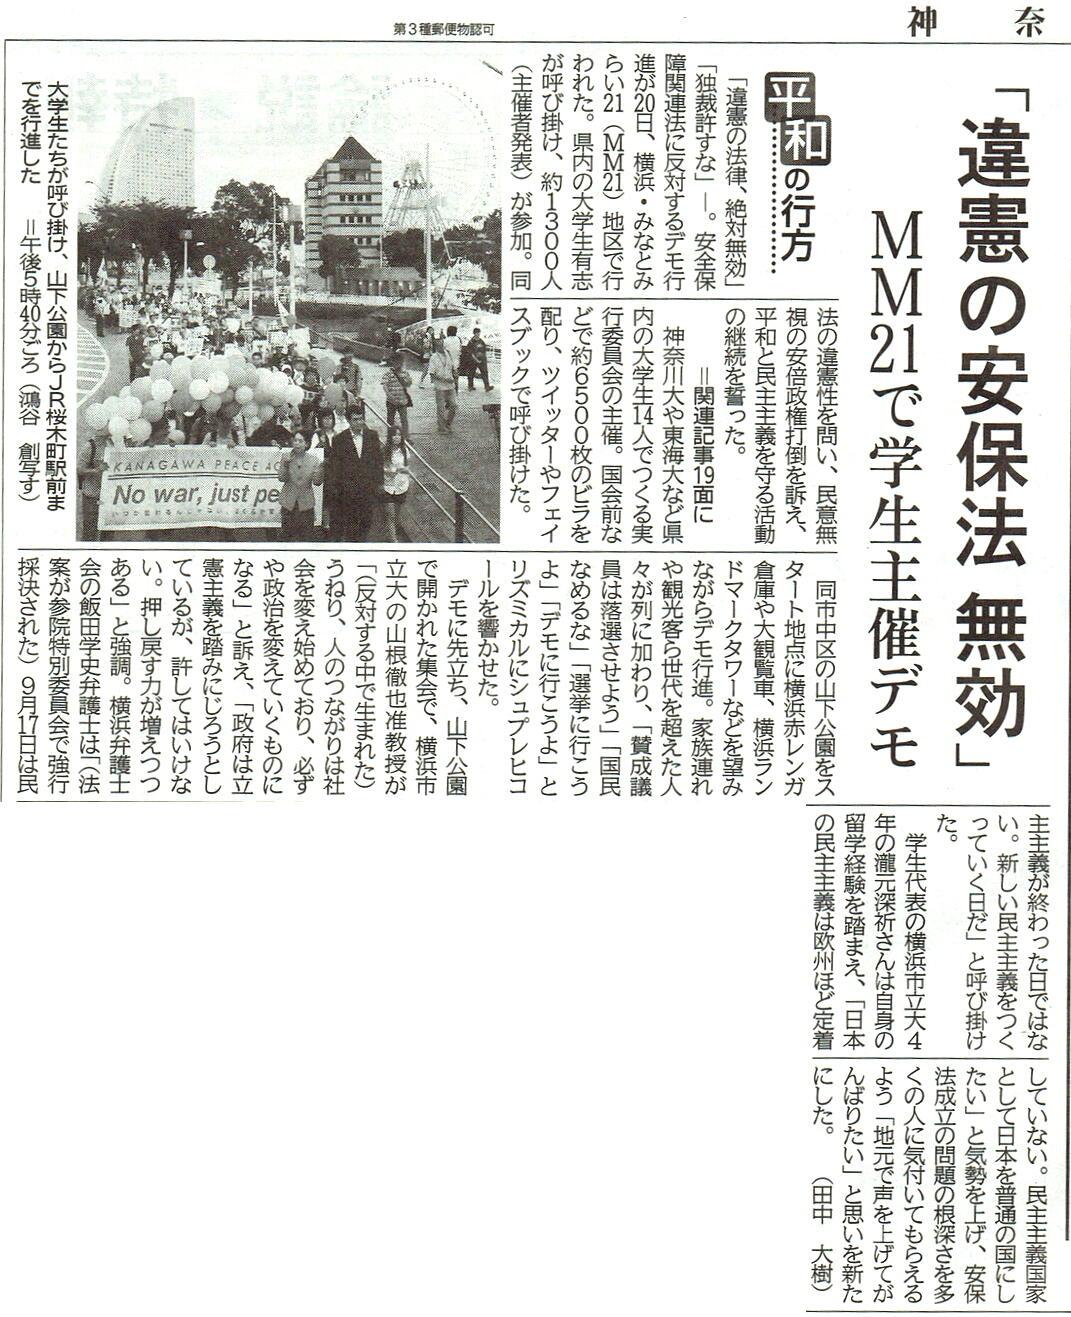 kanagawa2015 09211